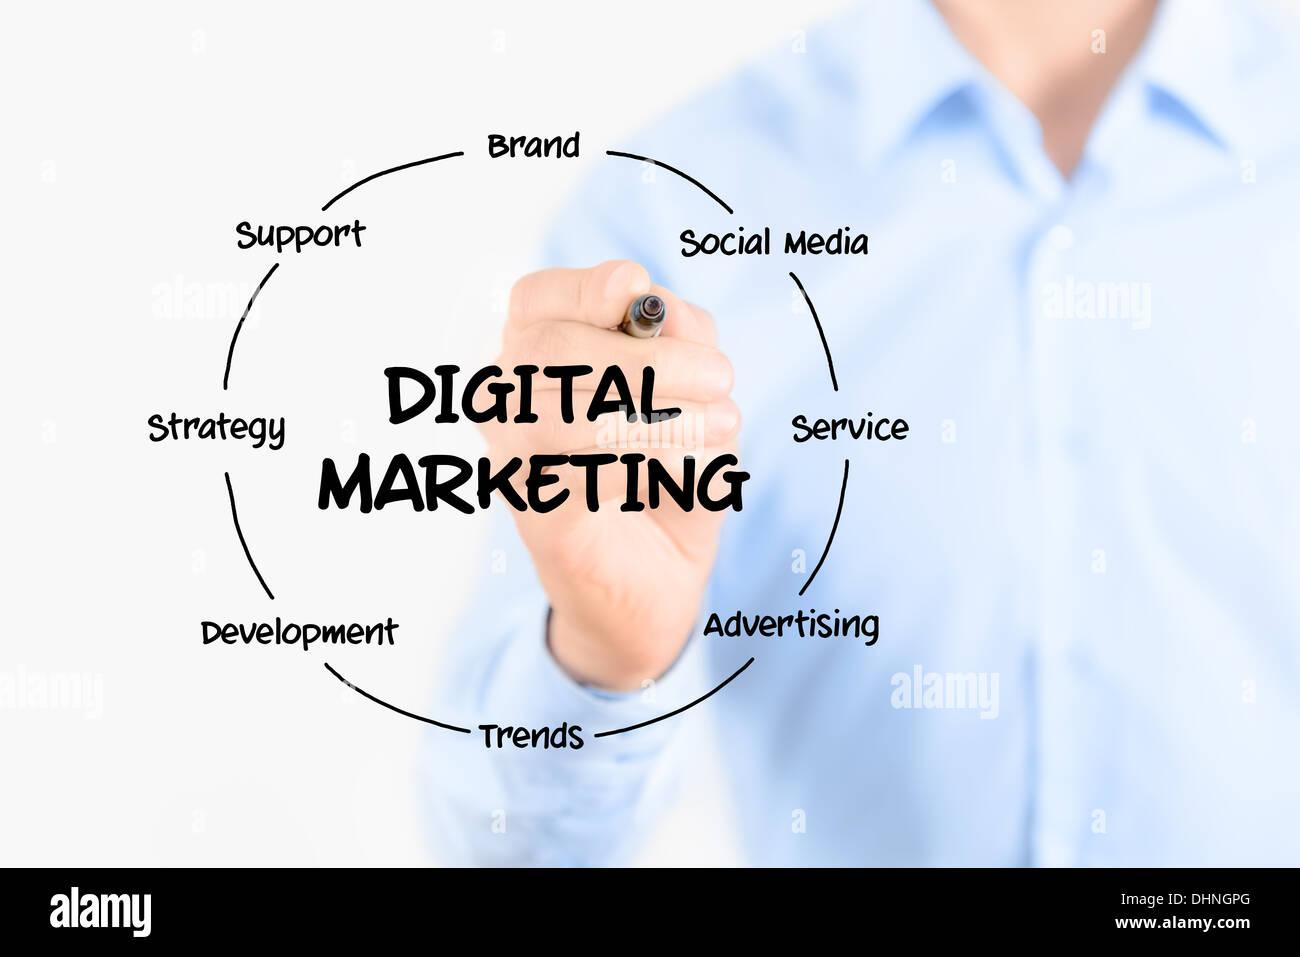 Joven Empresario de dibujo Diagrama circular de estructura del proceso de marketing digital y elementos de pantalla transparente Imagen De Stock